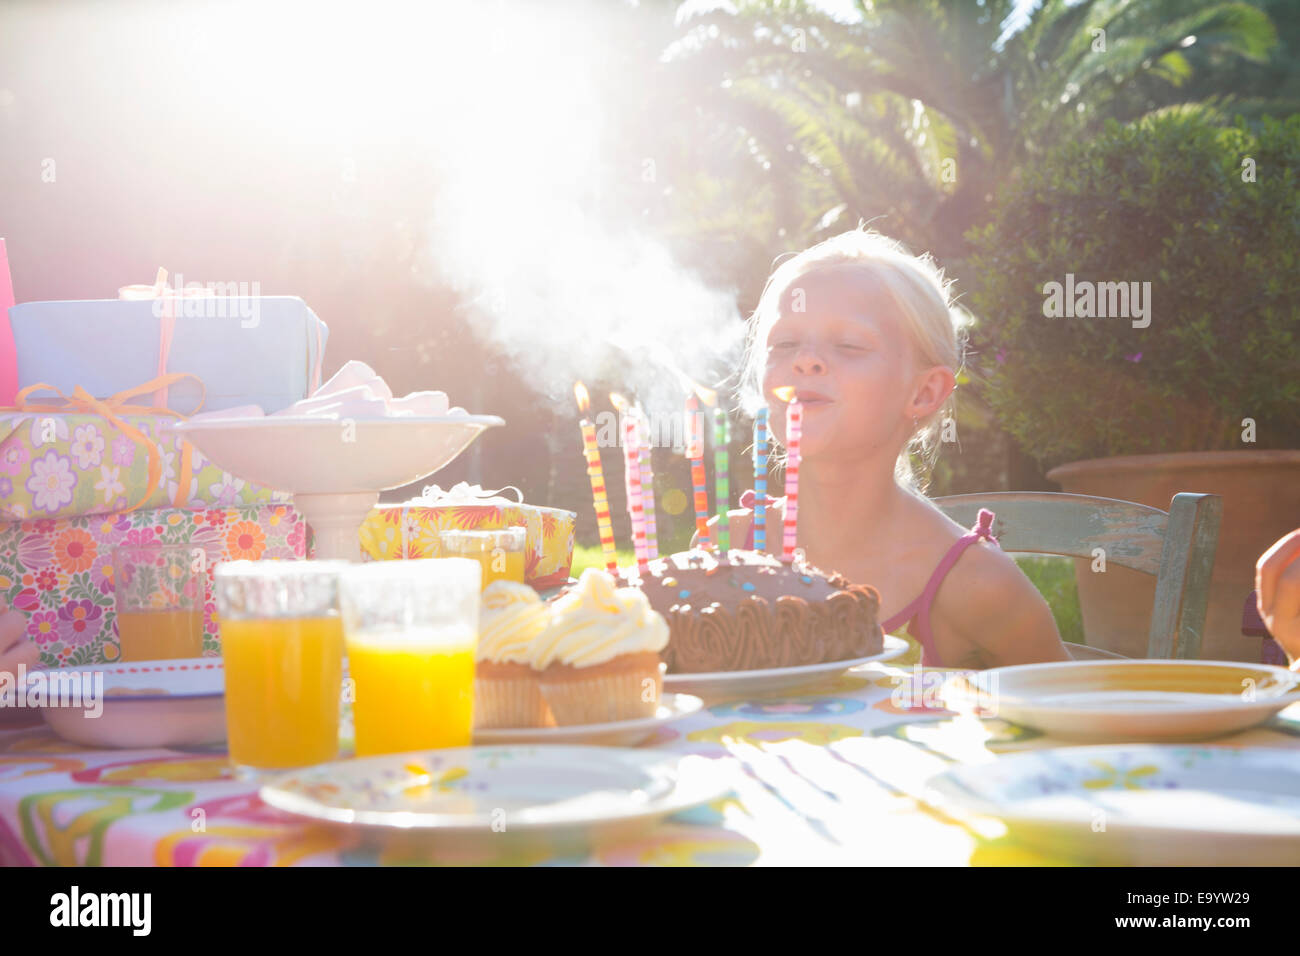 Mädchen bläst Kerzen auf Geburtstagskuchen Stockbild